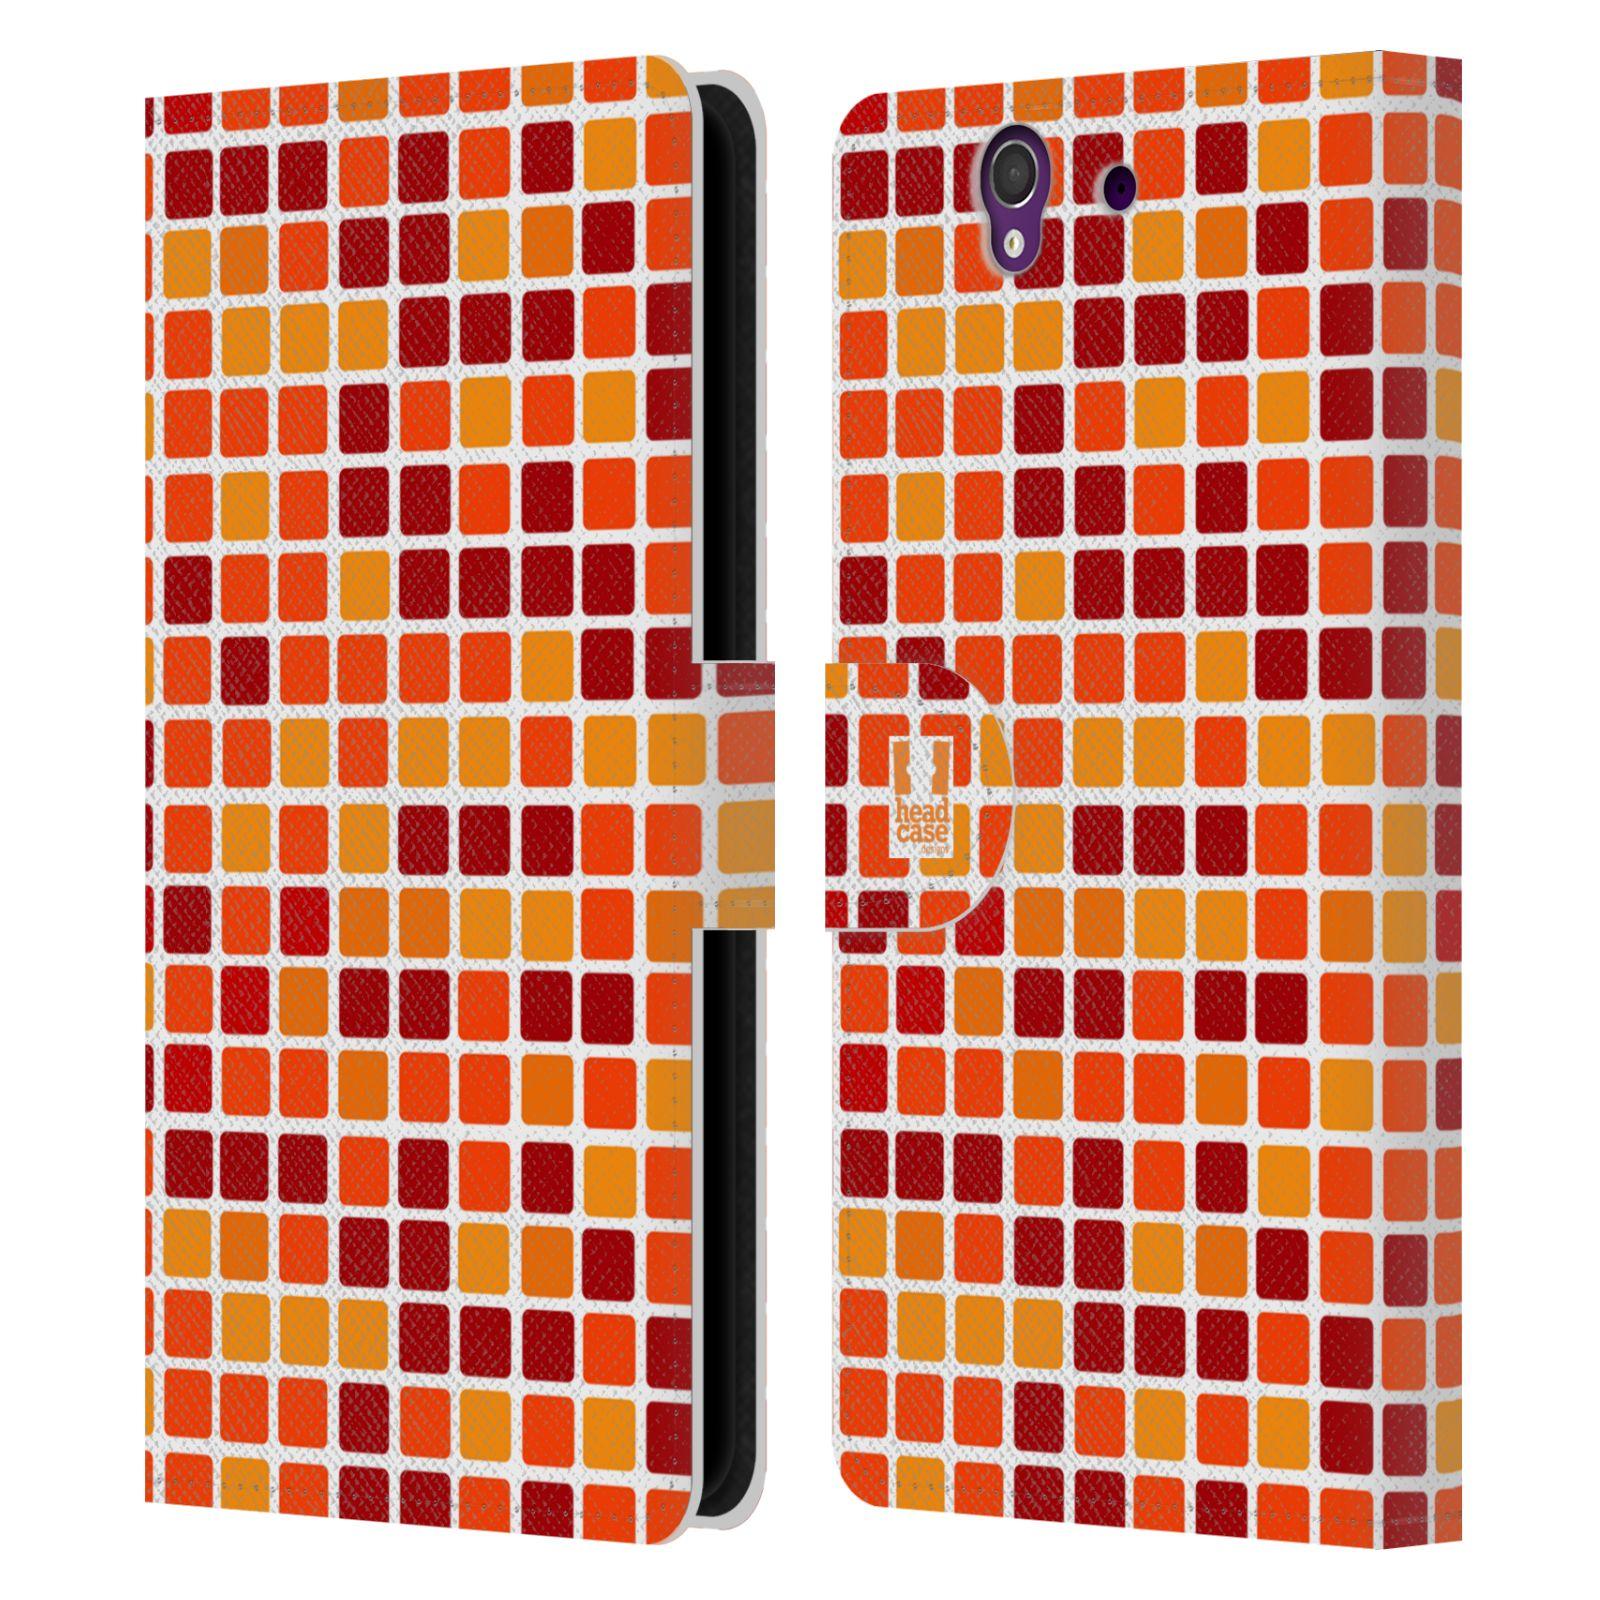 HEAD CASE Flipové pouzdro pro mobil SONY XPERIA Z (C6603) DISKO kostičky oranžová